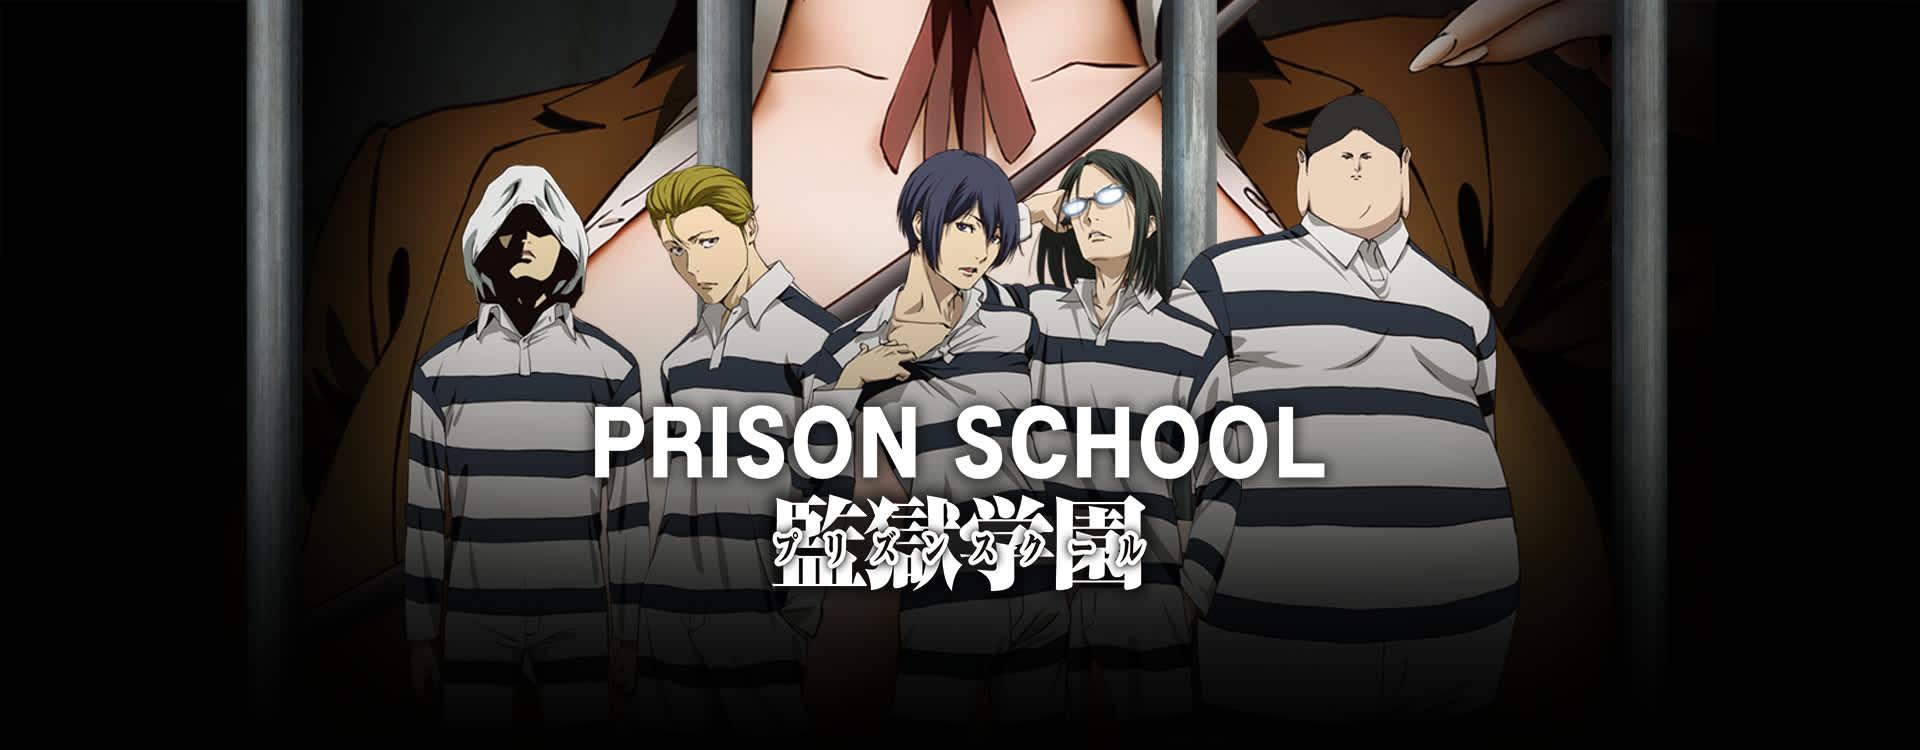 prison school stream